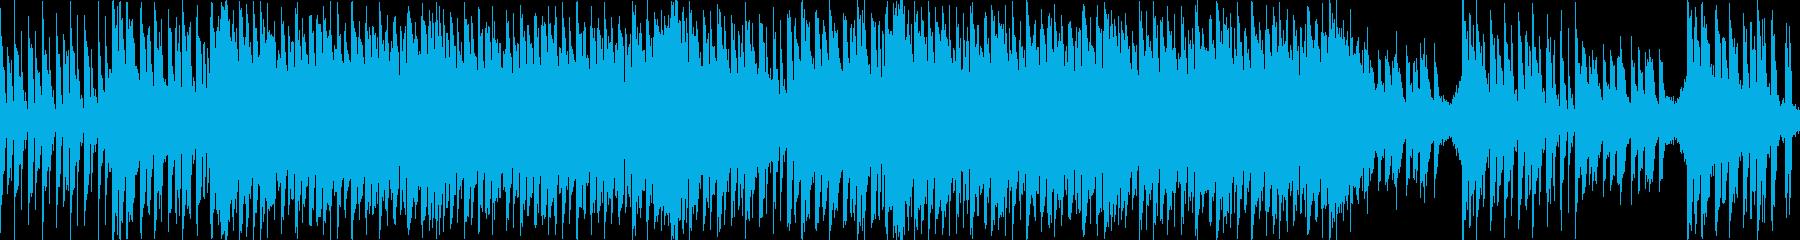 【ループ仕様】ダンス系EDMの再生済みの波形